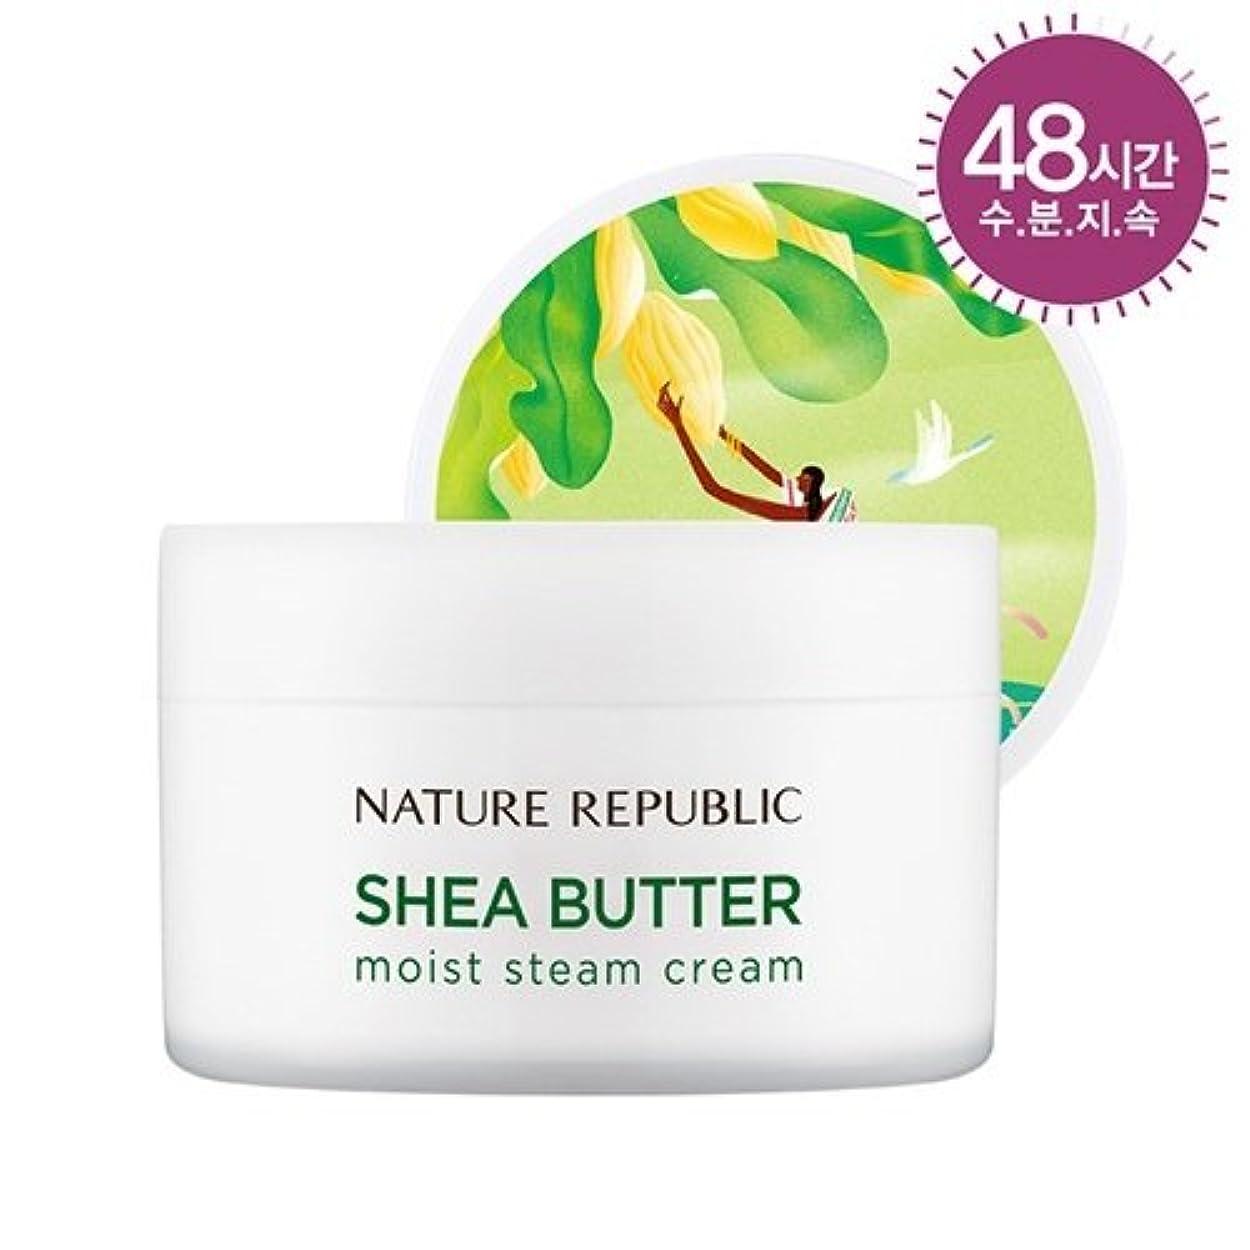 不愉快に子孫画家NATURE REPUBLIC(ネイチャーリパブリック) SHEA BUTTER STEAM CREAM シアバター スチーム クリーム #モイスト乾燥肌